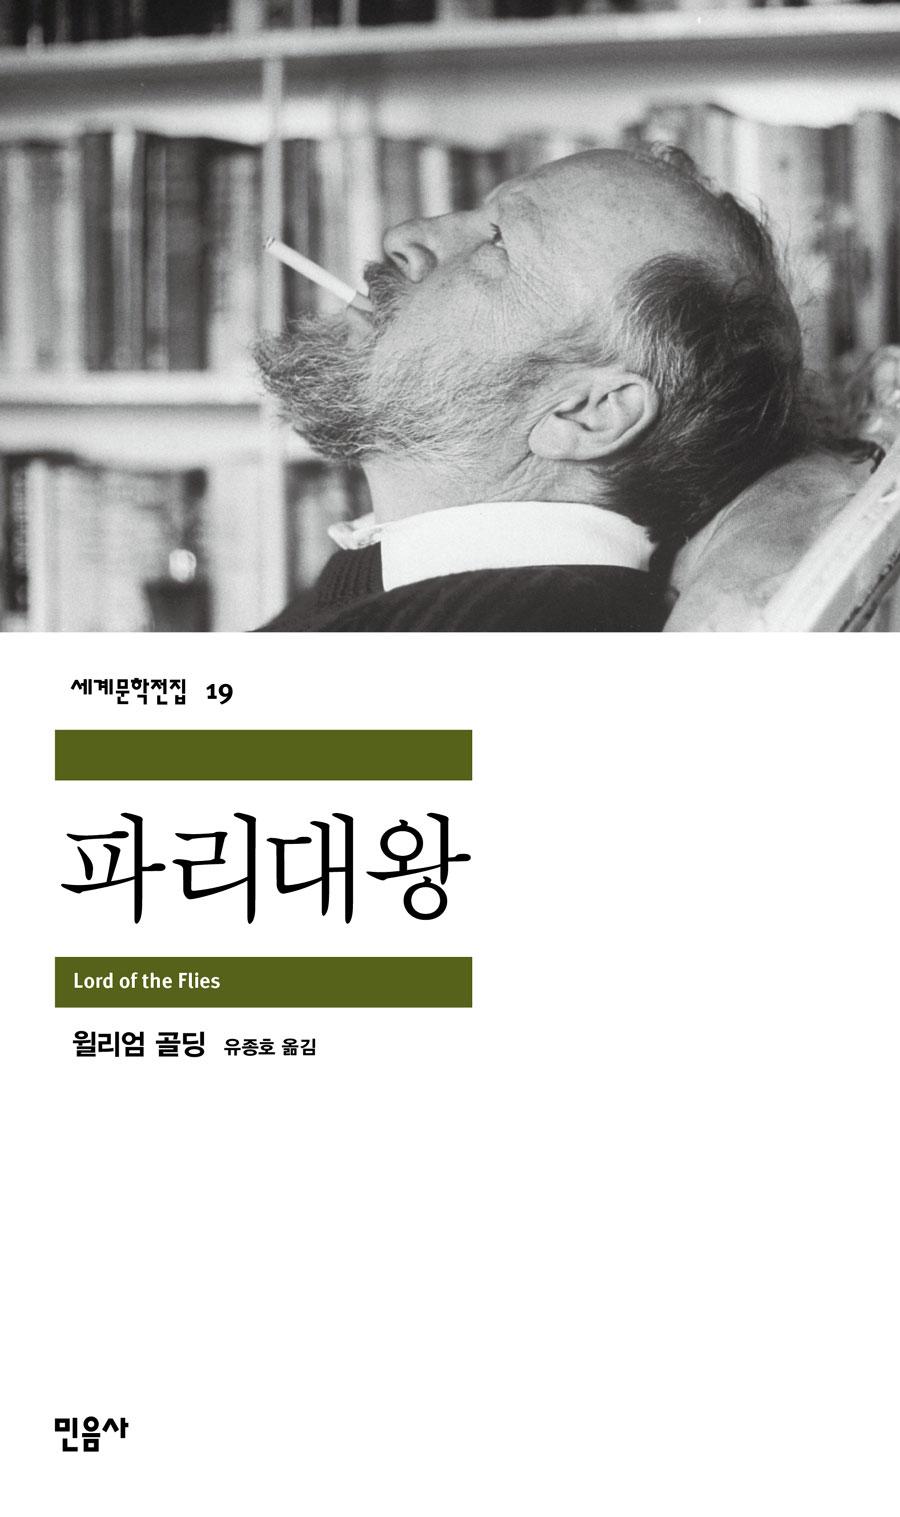 [고전읽기-036] 파리대왕 (윌리엄 골딩) 민음사 세계문학 19